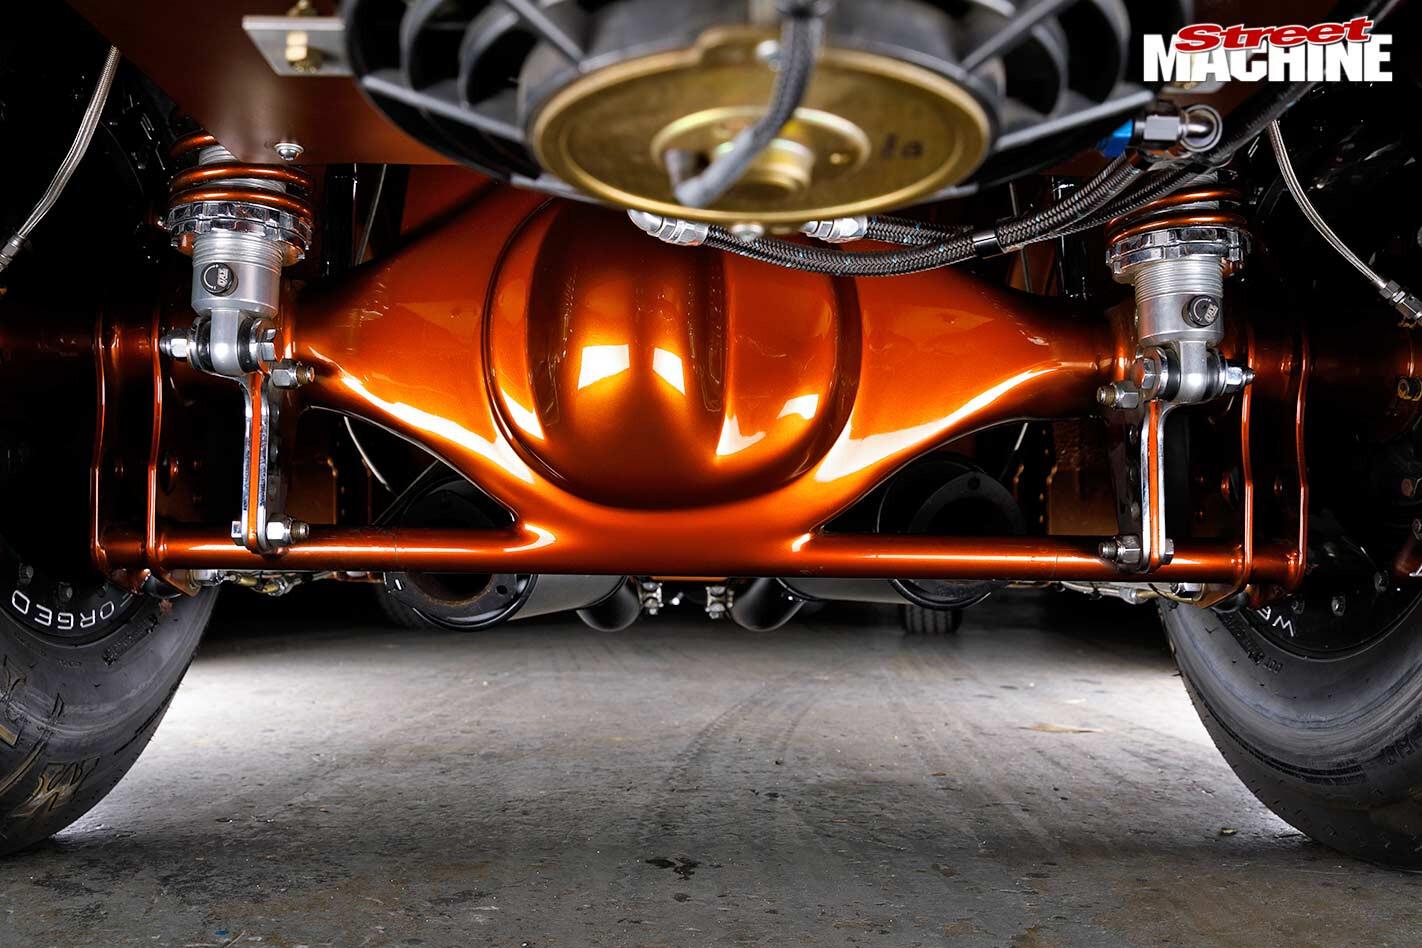 Ford Capri underside